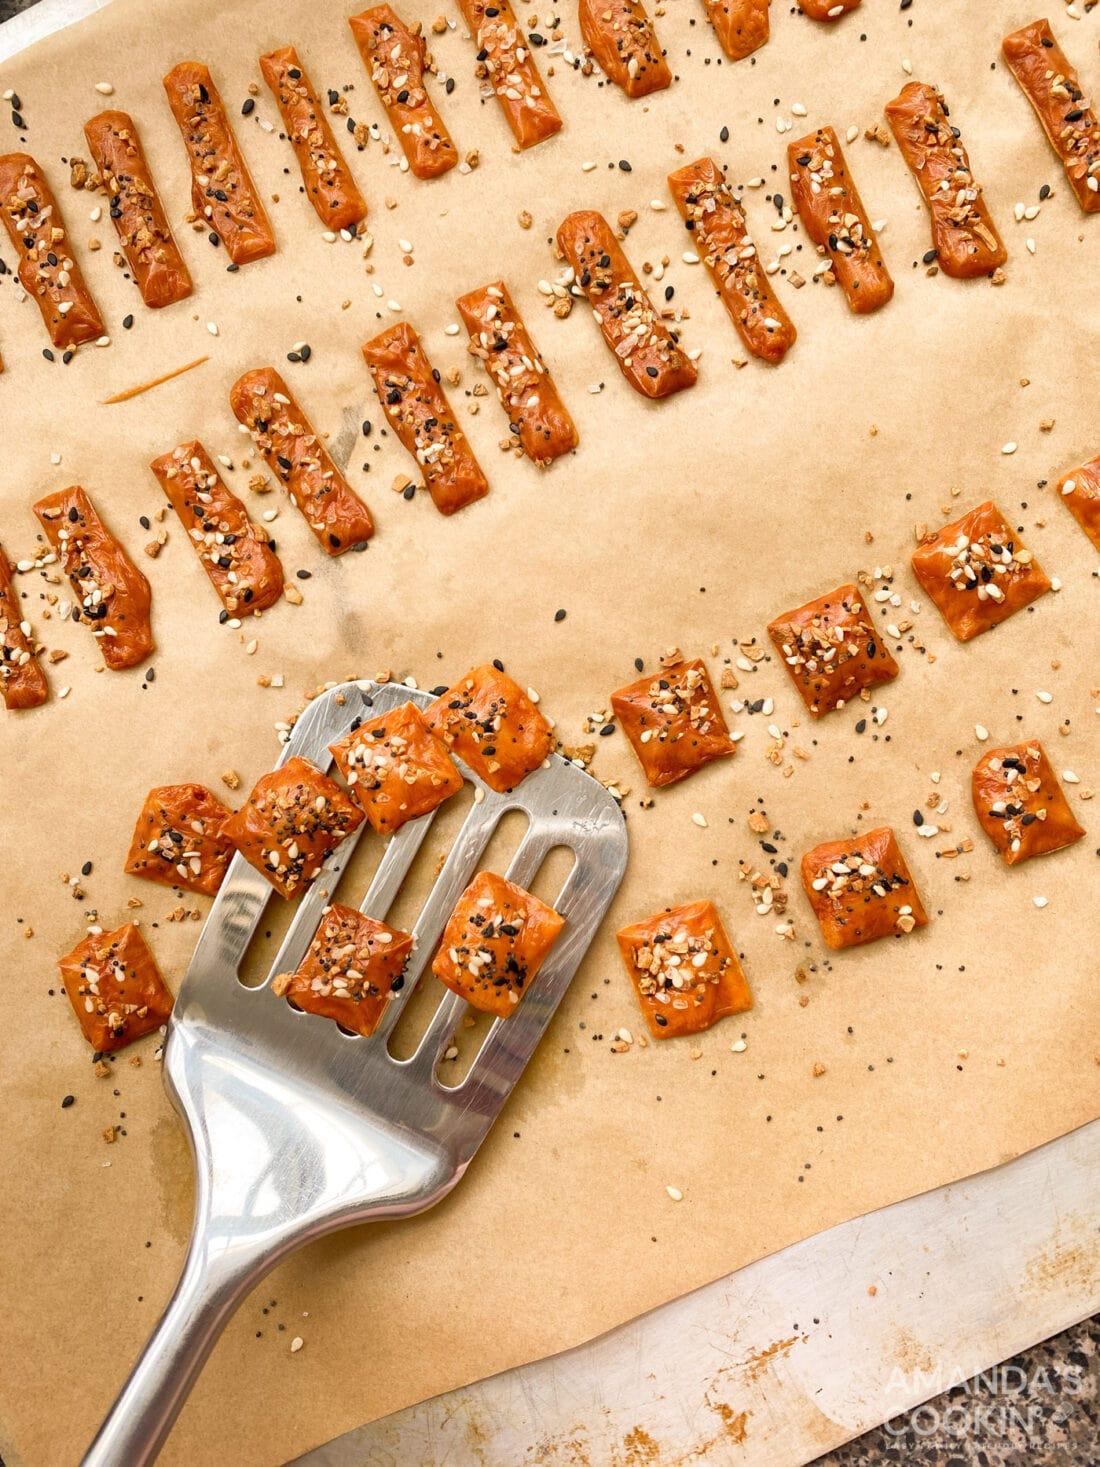 spatula lifting keto cheese crackers from baking sheet